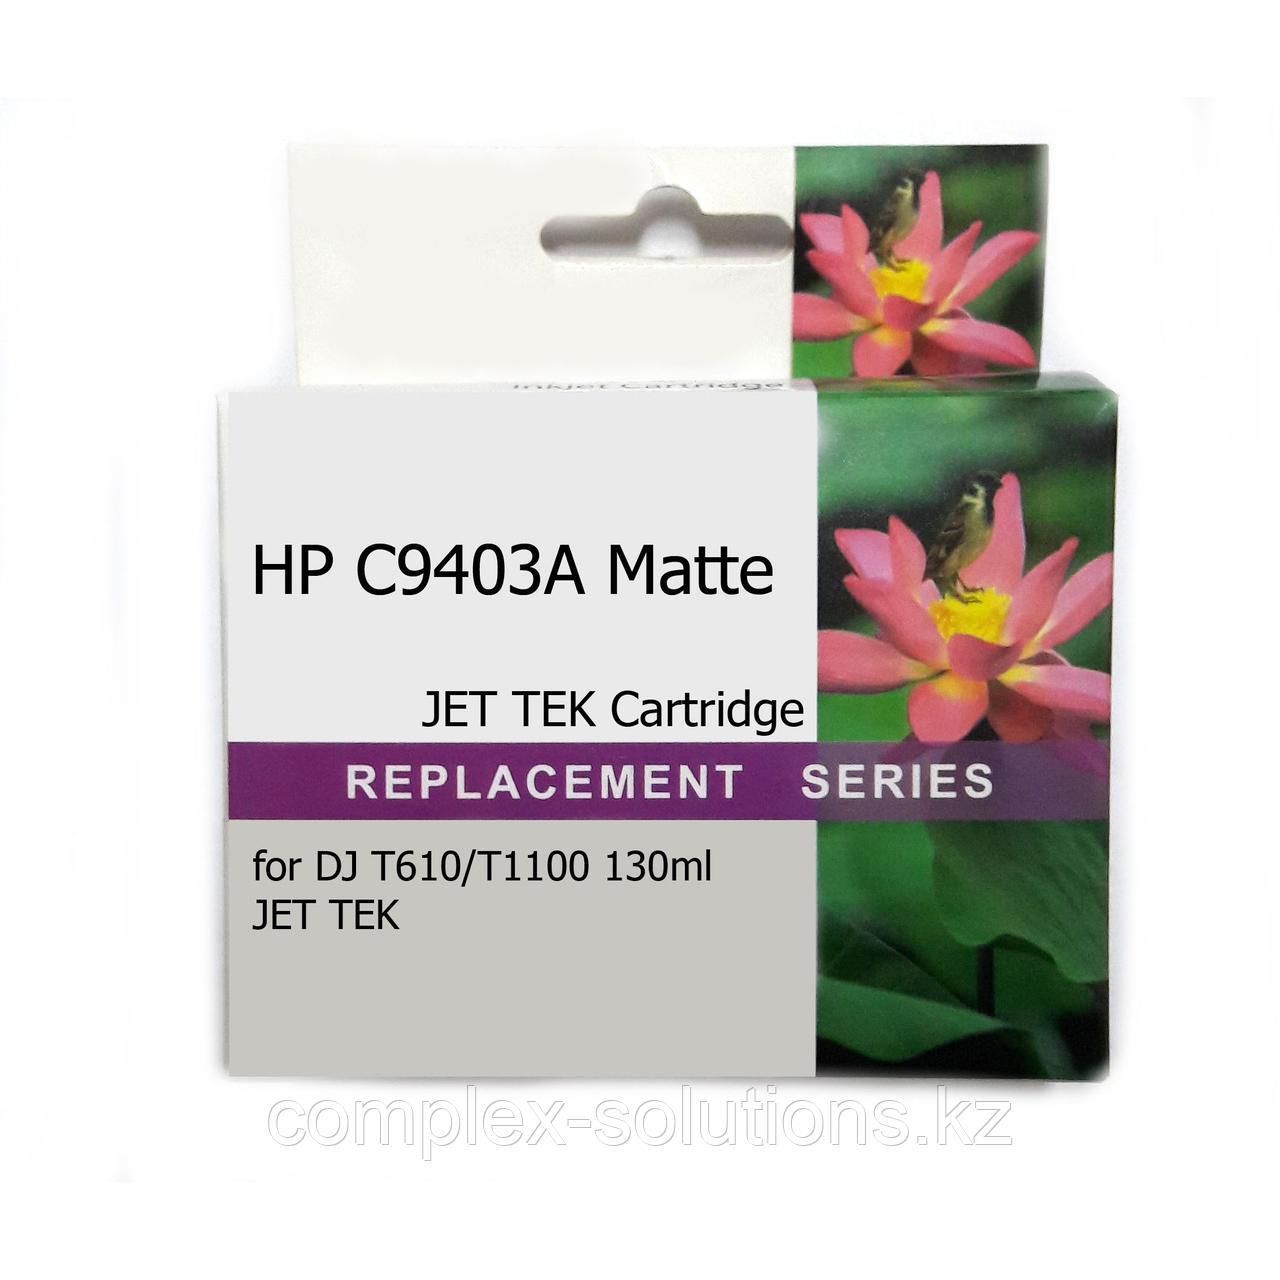 Картридж H-P C9403A Matte Black №72 JET TEK   [качественный дубликат]